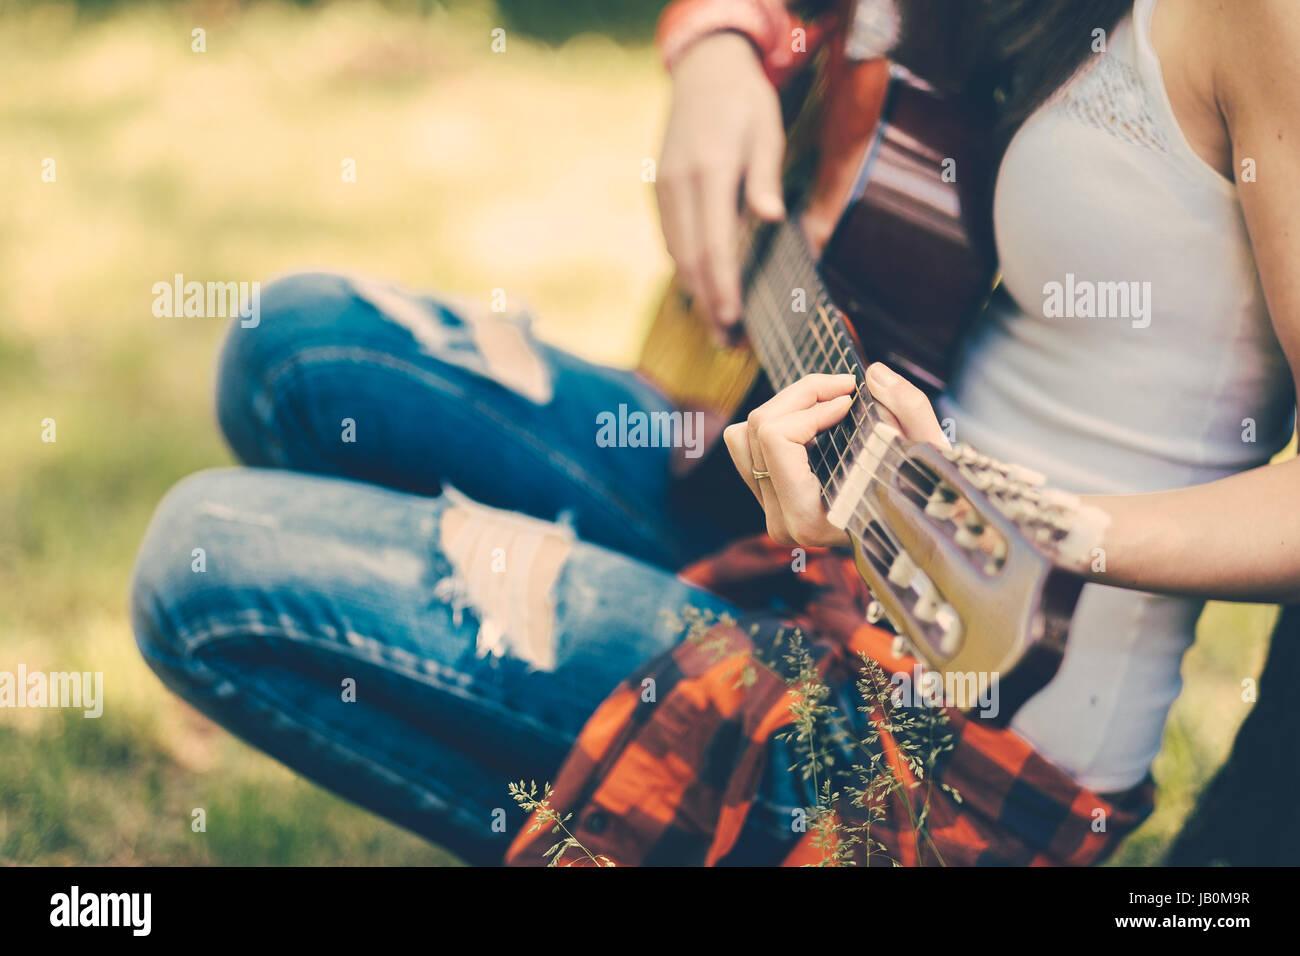 Festival Frau mit Gitarre auf party Stockbild